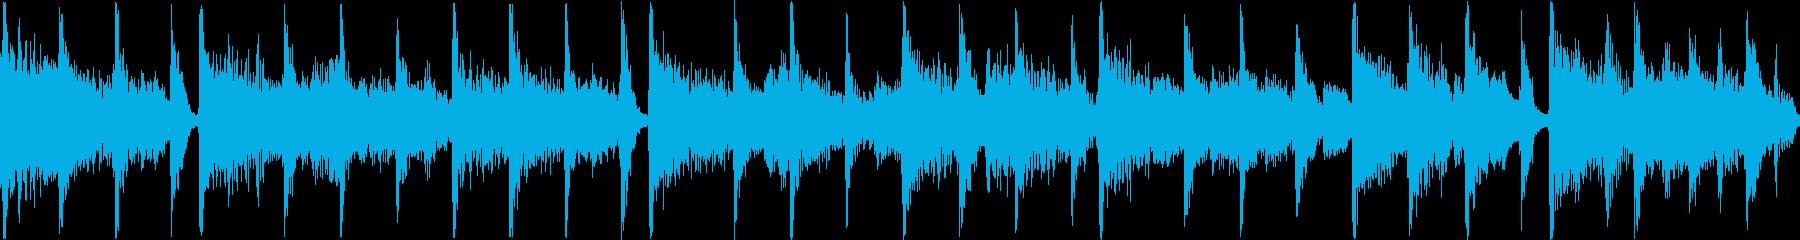 80年代風アメリカンポップジングルループの再生済みの波形